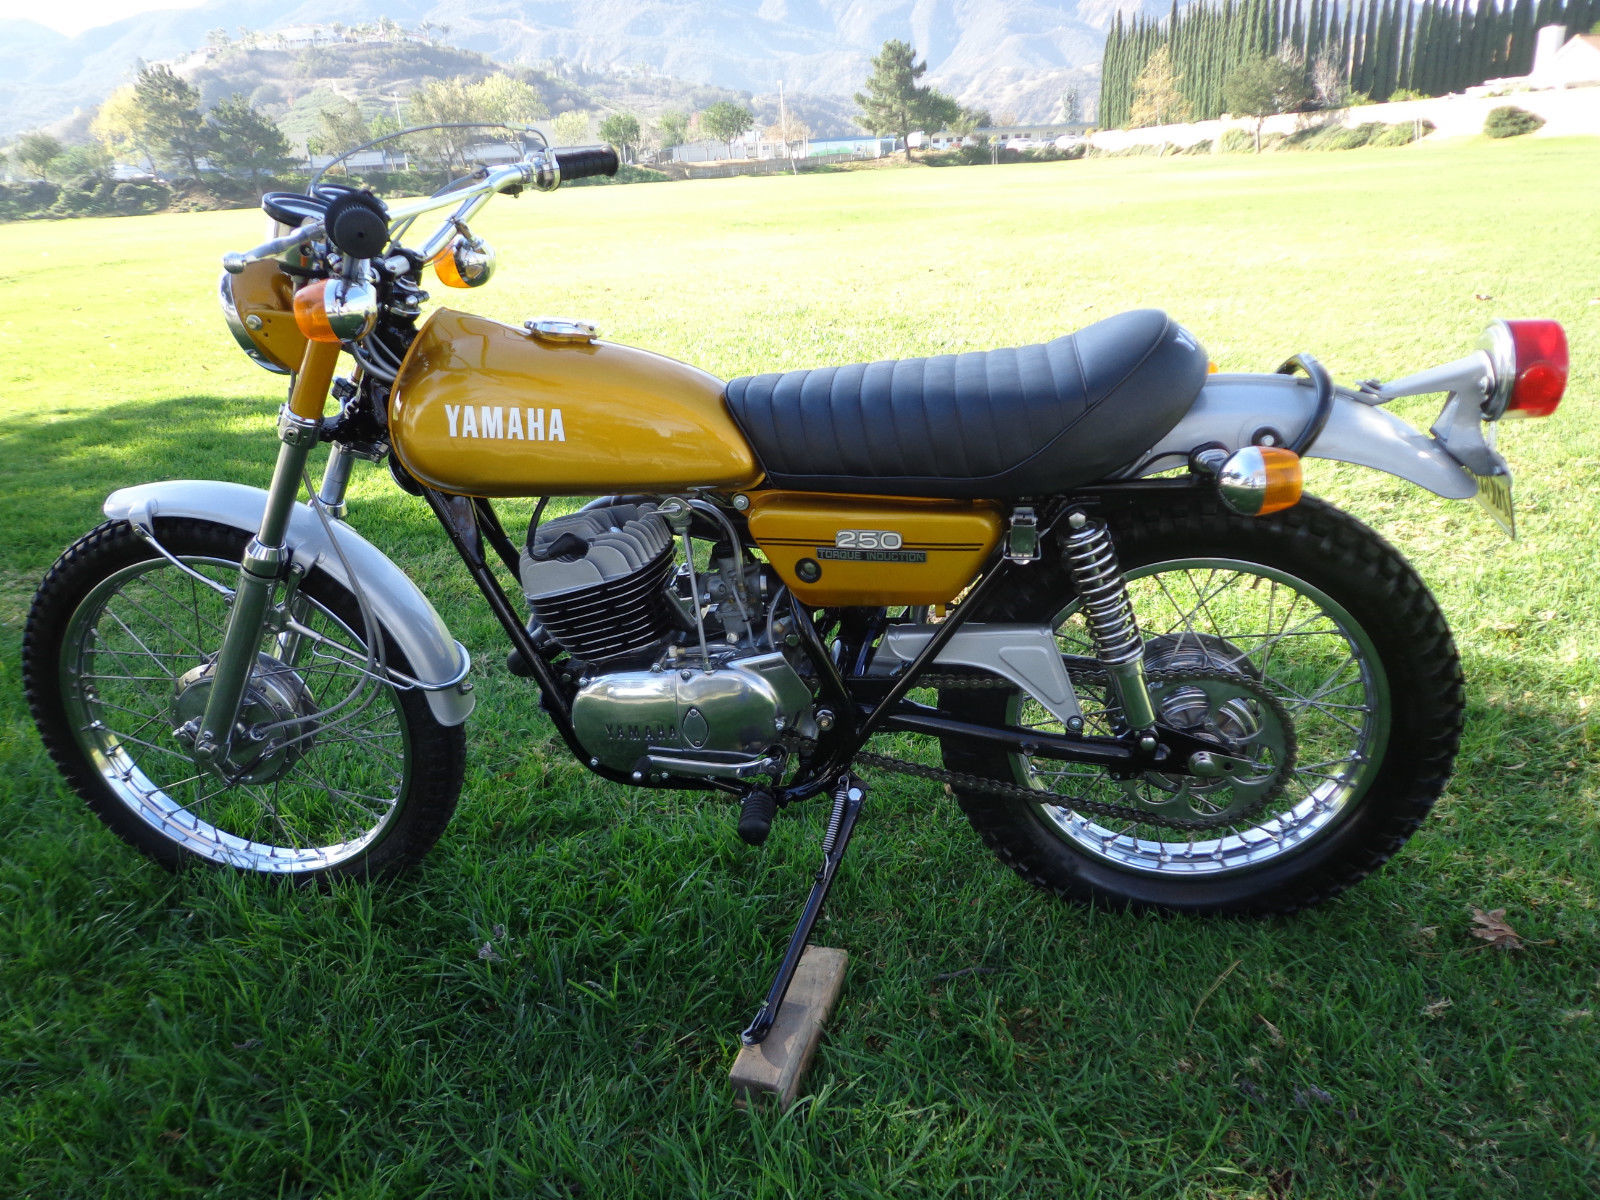 Yamaha DT250 - 1972 - Left Side, Motor, Wheels and Frame.